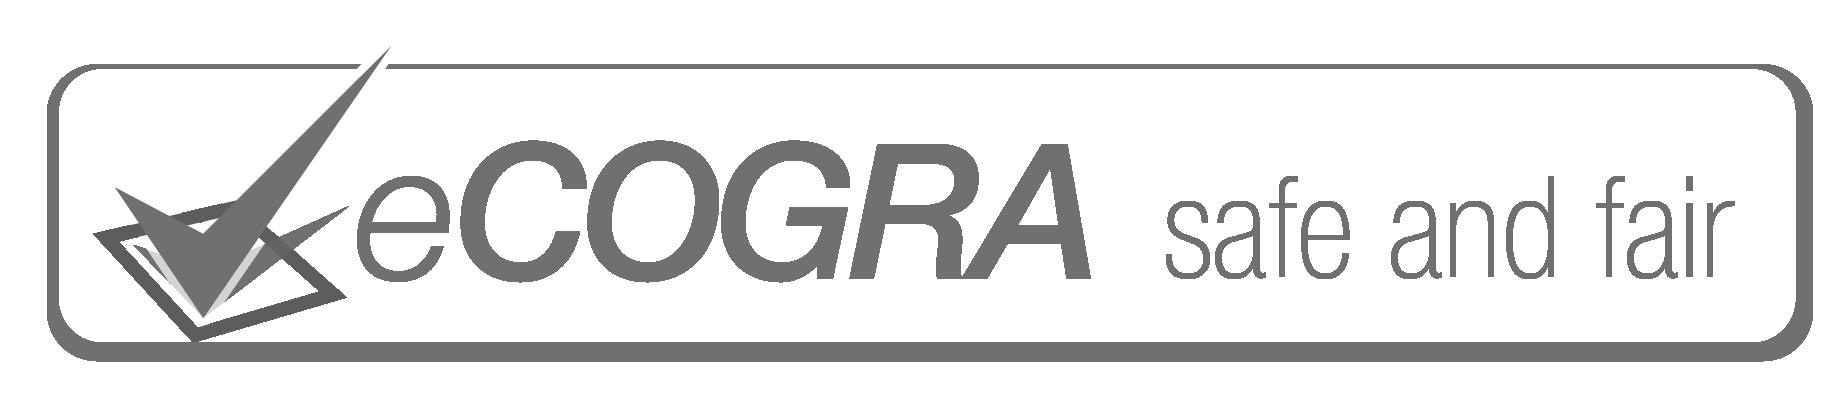 イーコグラ